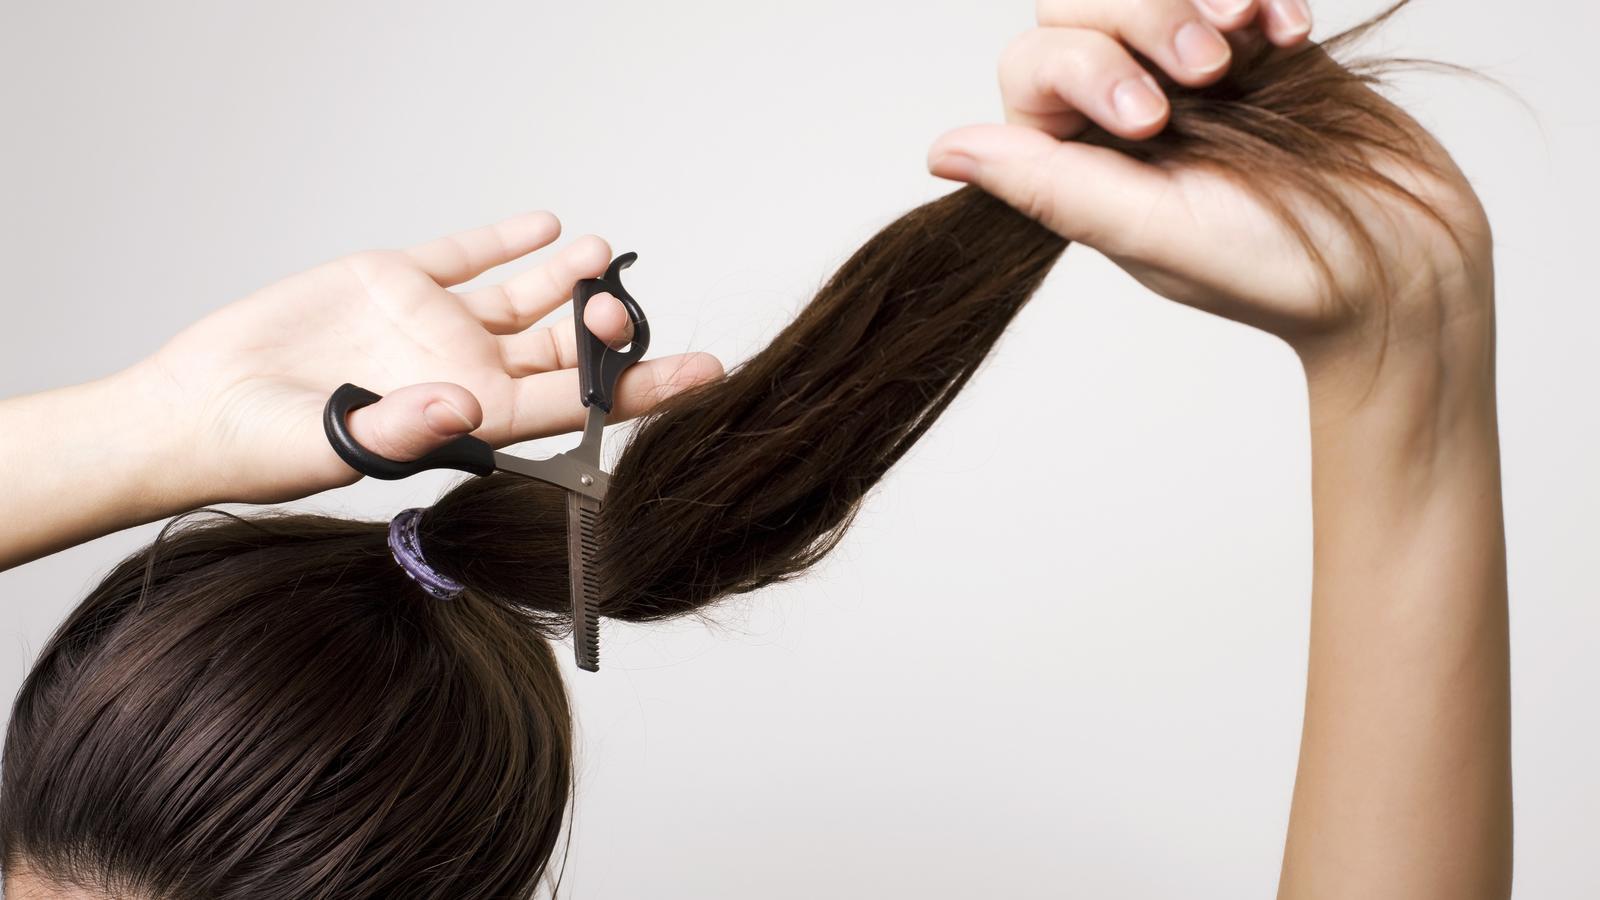 Selber Haare Schneiden Mit Dem Zopf Schnitt Gelingt Die Stufenfrisur